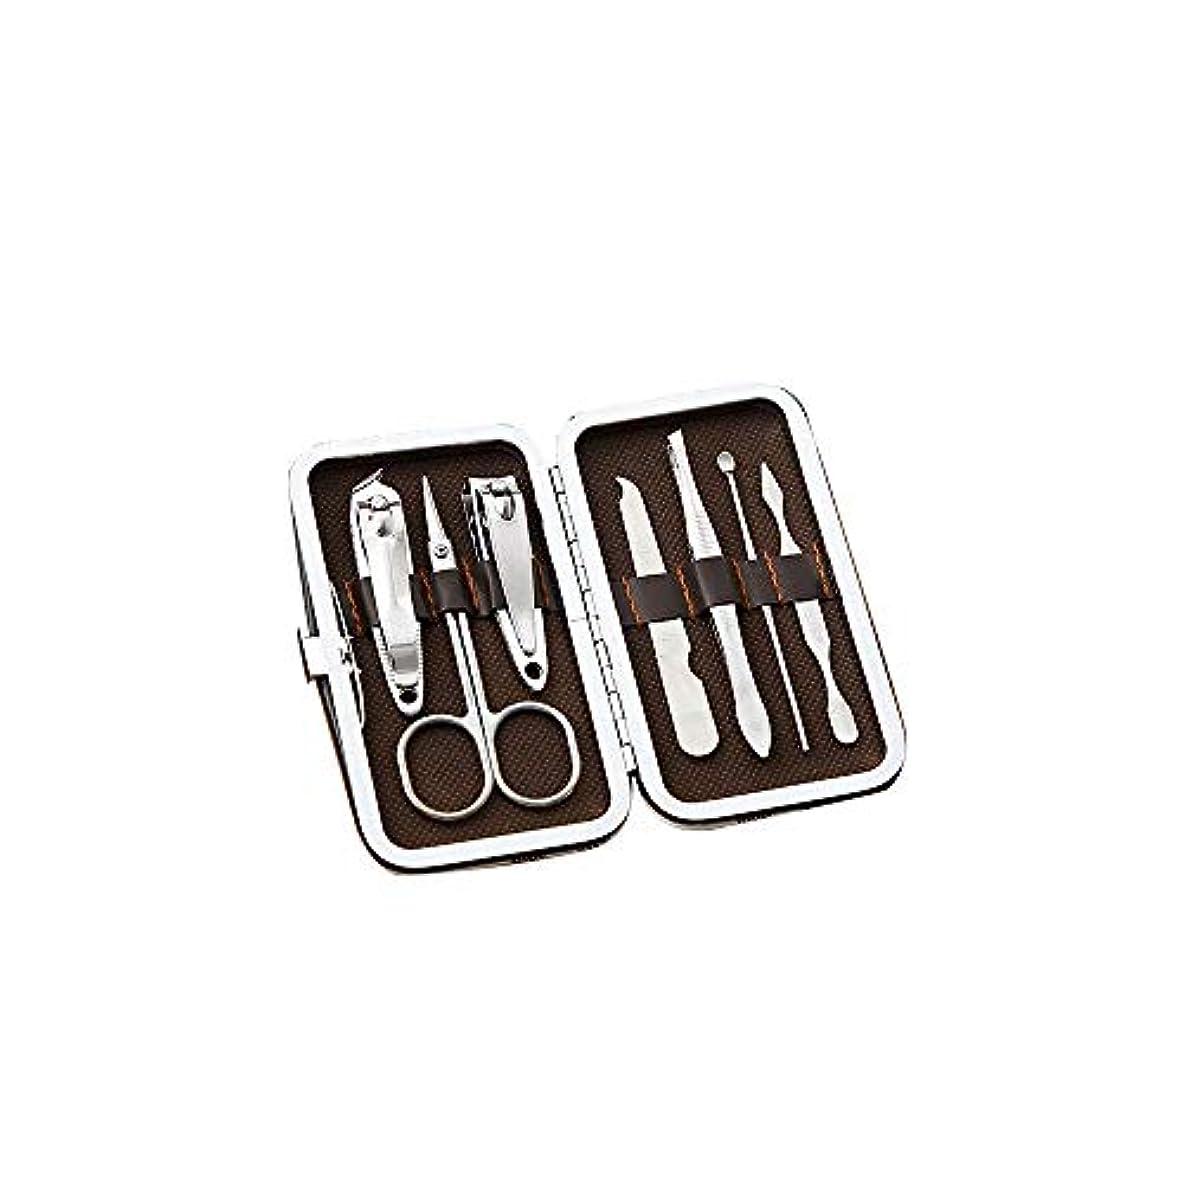 連結する調停者やさしく美容ネイルツールセットステンレス爪切りセット携帯便利爪切りセットコーヒーグリッド、7点セット